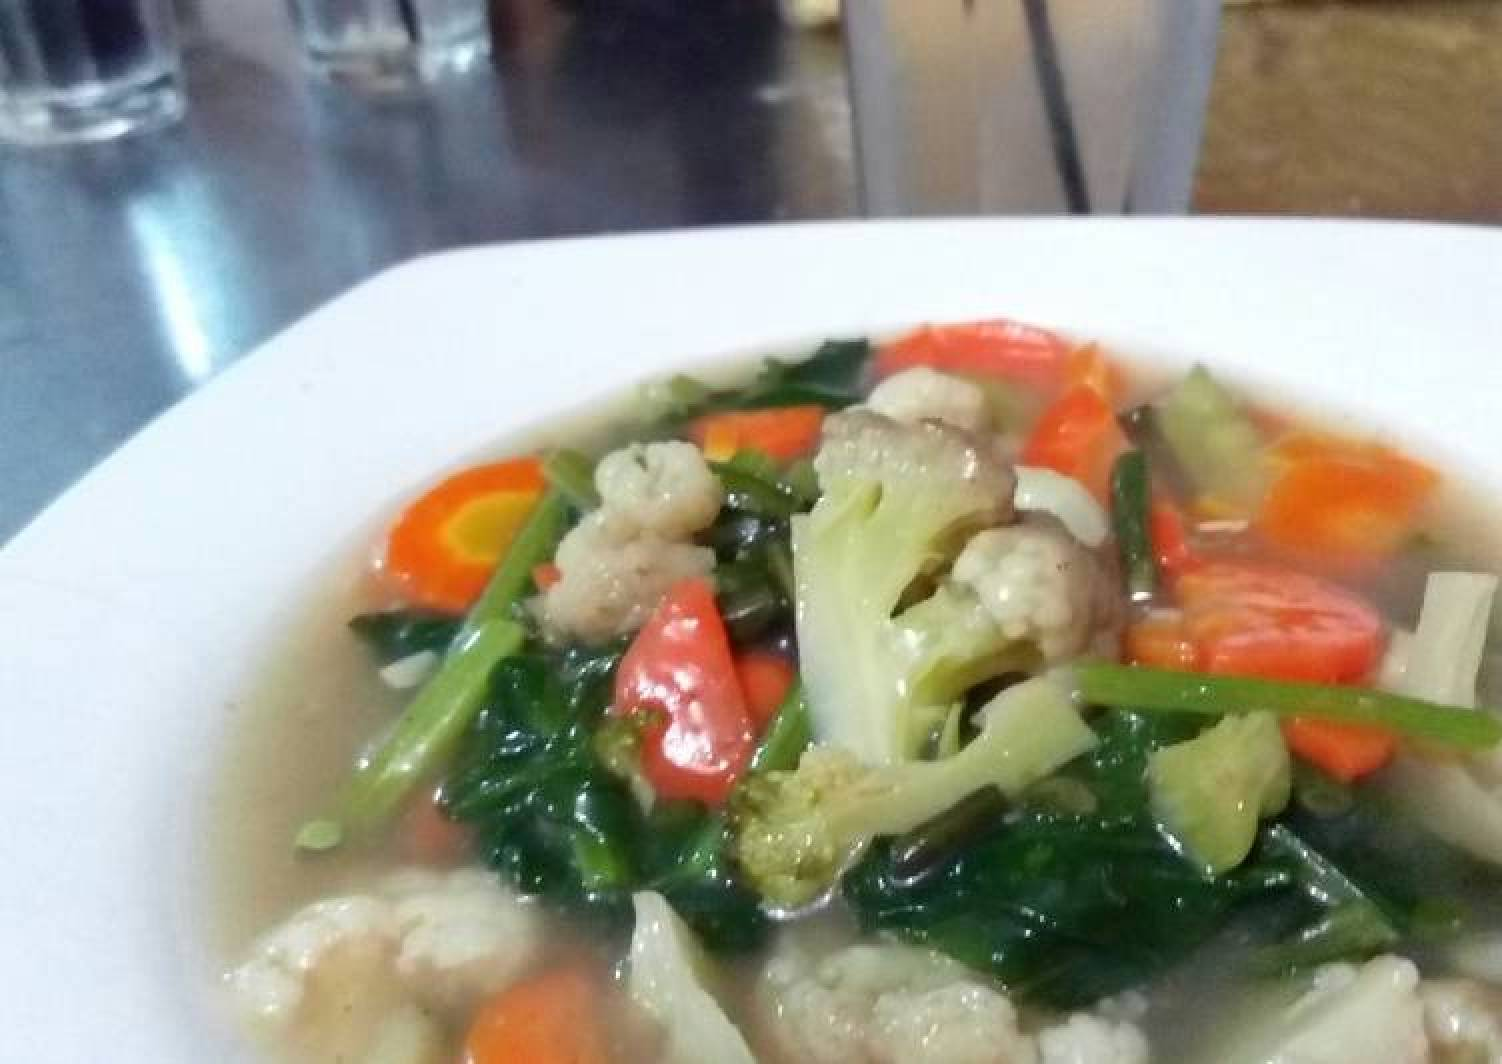 Resep Capcay Kuah Polosan Tanpa Ayam Ataupun Seafood Pure Sayuran Sempurna Best Recipes